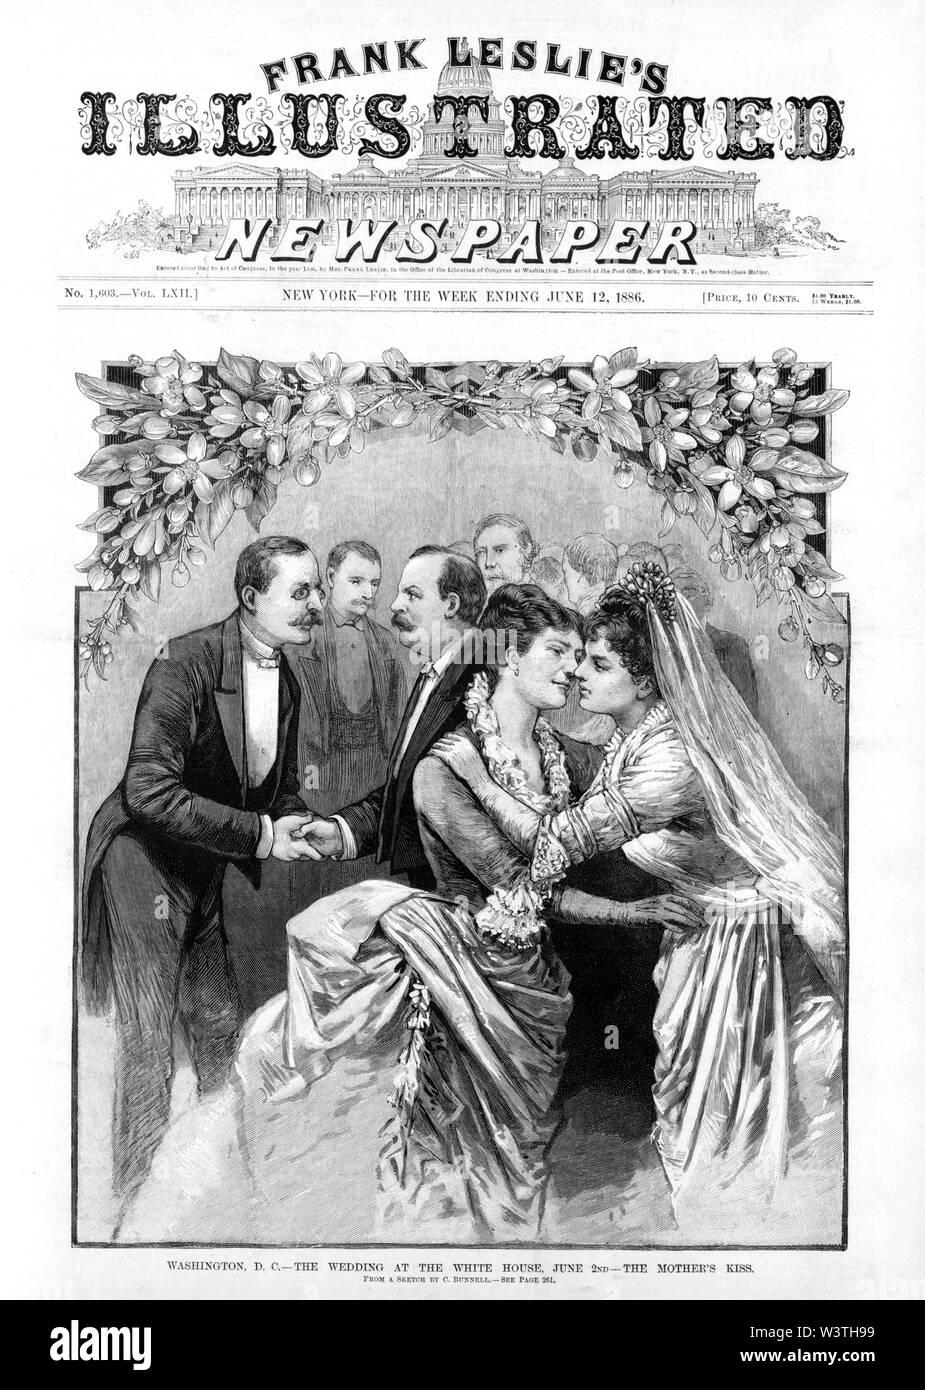 """""""Washington, D.C.--La boda en la Casa Blanca, el 2 de junio.- El beso de la madre"""", la boda del presidente estadounidense Grover Cleveland, con la Sra. Grover Cleveland recibir el beso de su madre, desde un boceto por C. Bunnell, Frank Leslie ilustrado del periódico, el 12 de junio de 1886 Imagen De Stock"""